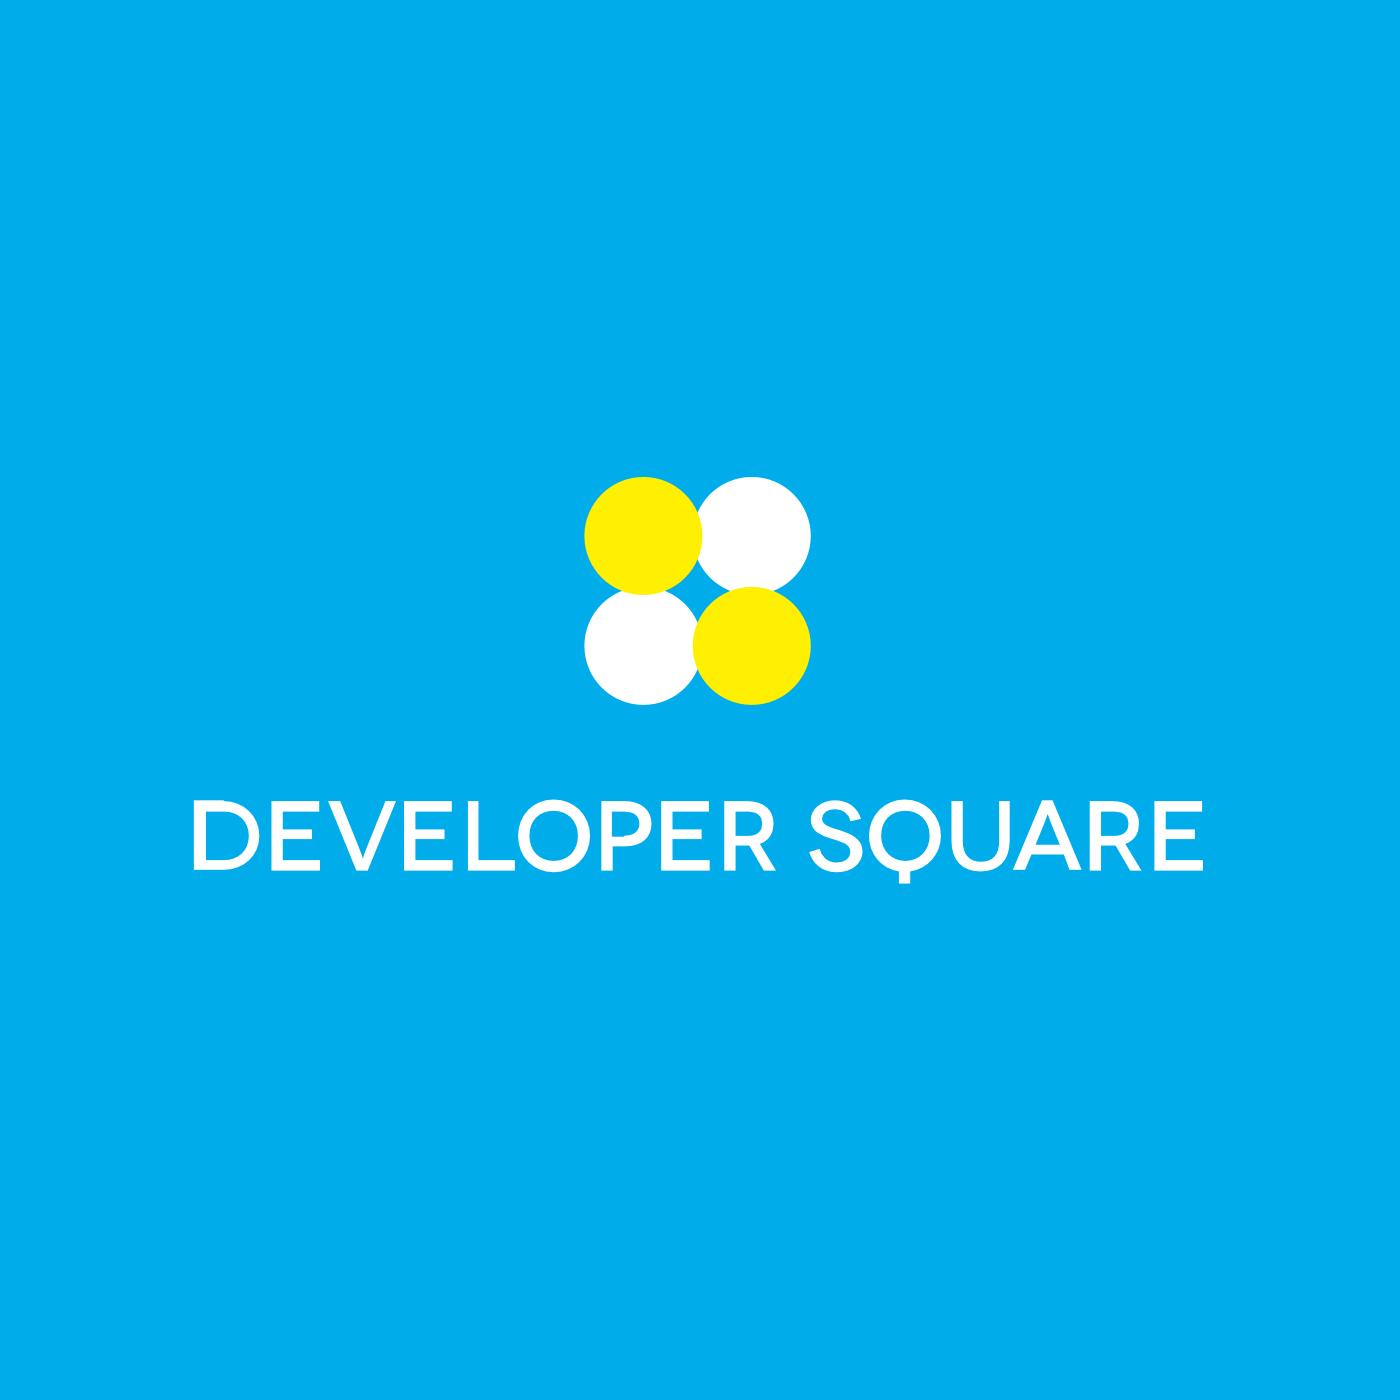 Developer Square